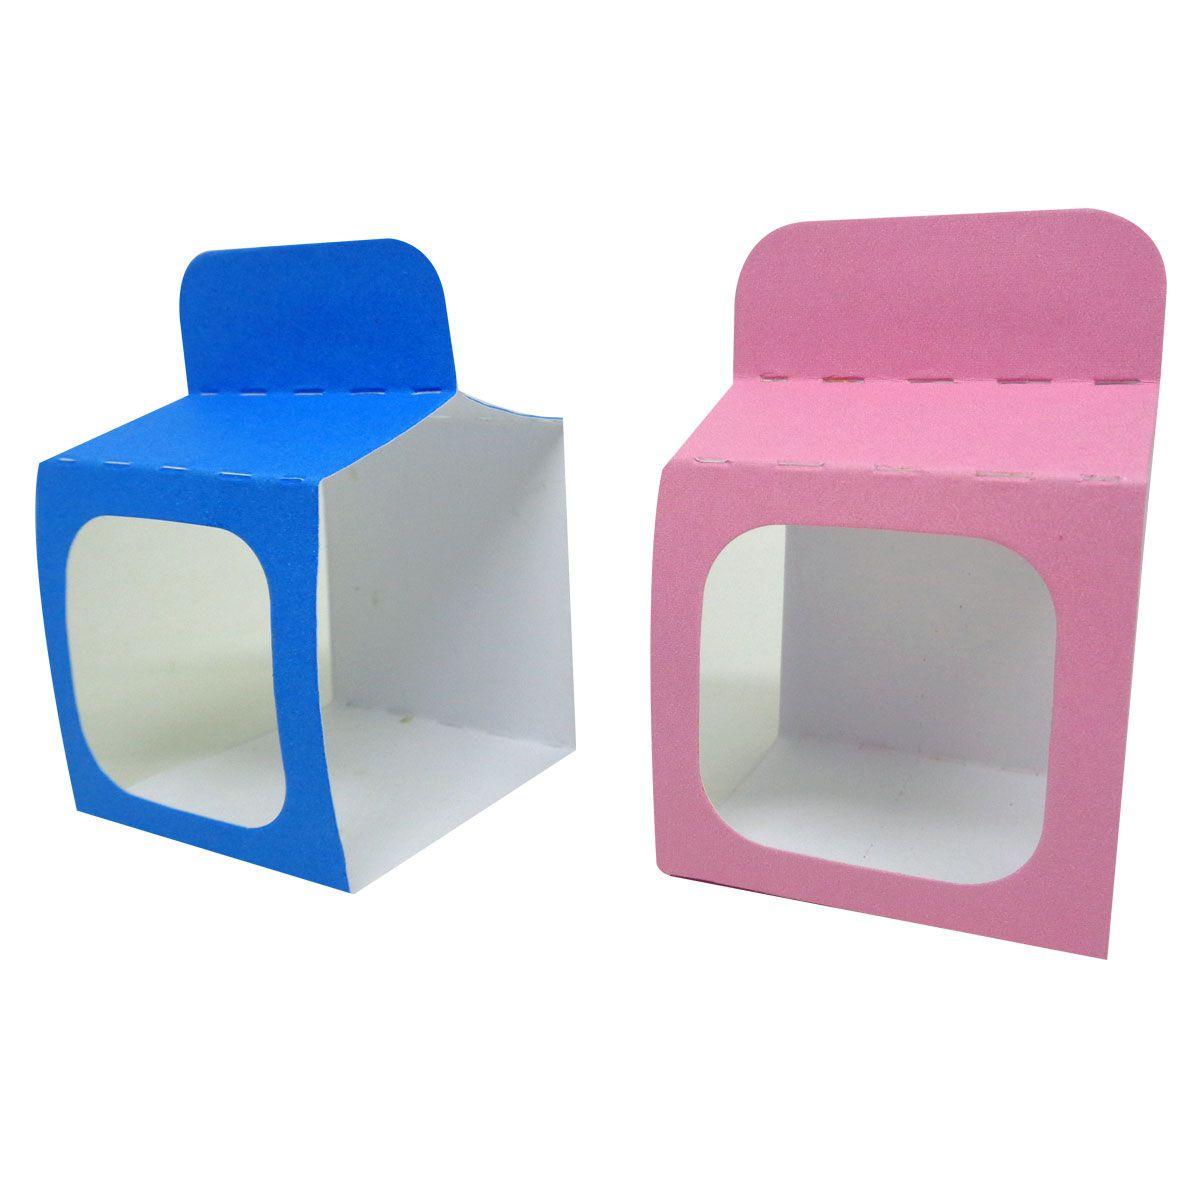 15x Porta Caixas Acrílica Personalizado - Pacote com 15 unidades